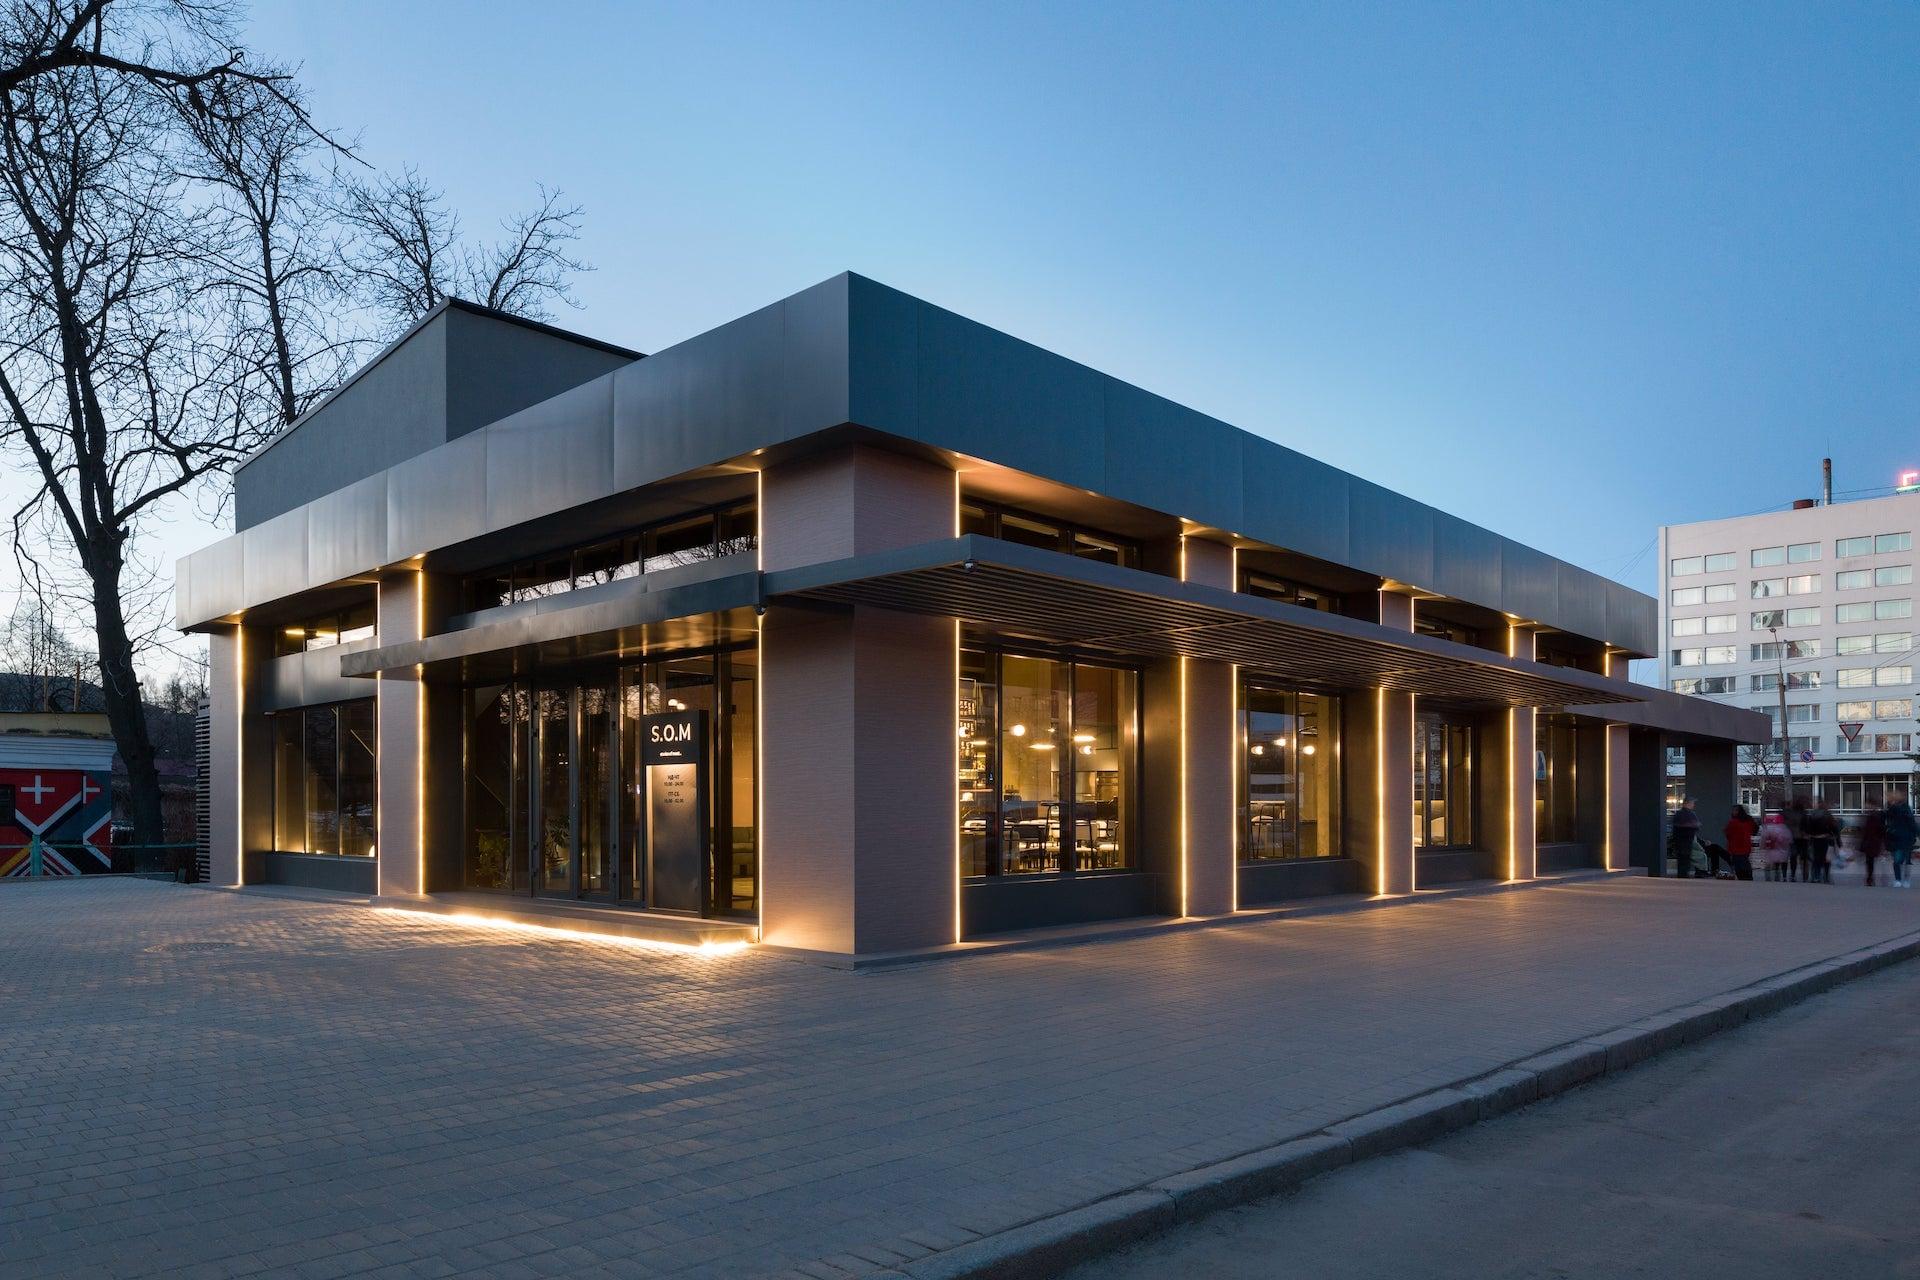 красивые фасады одноэтажных магазинов фото купить модульную